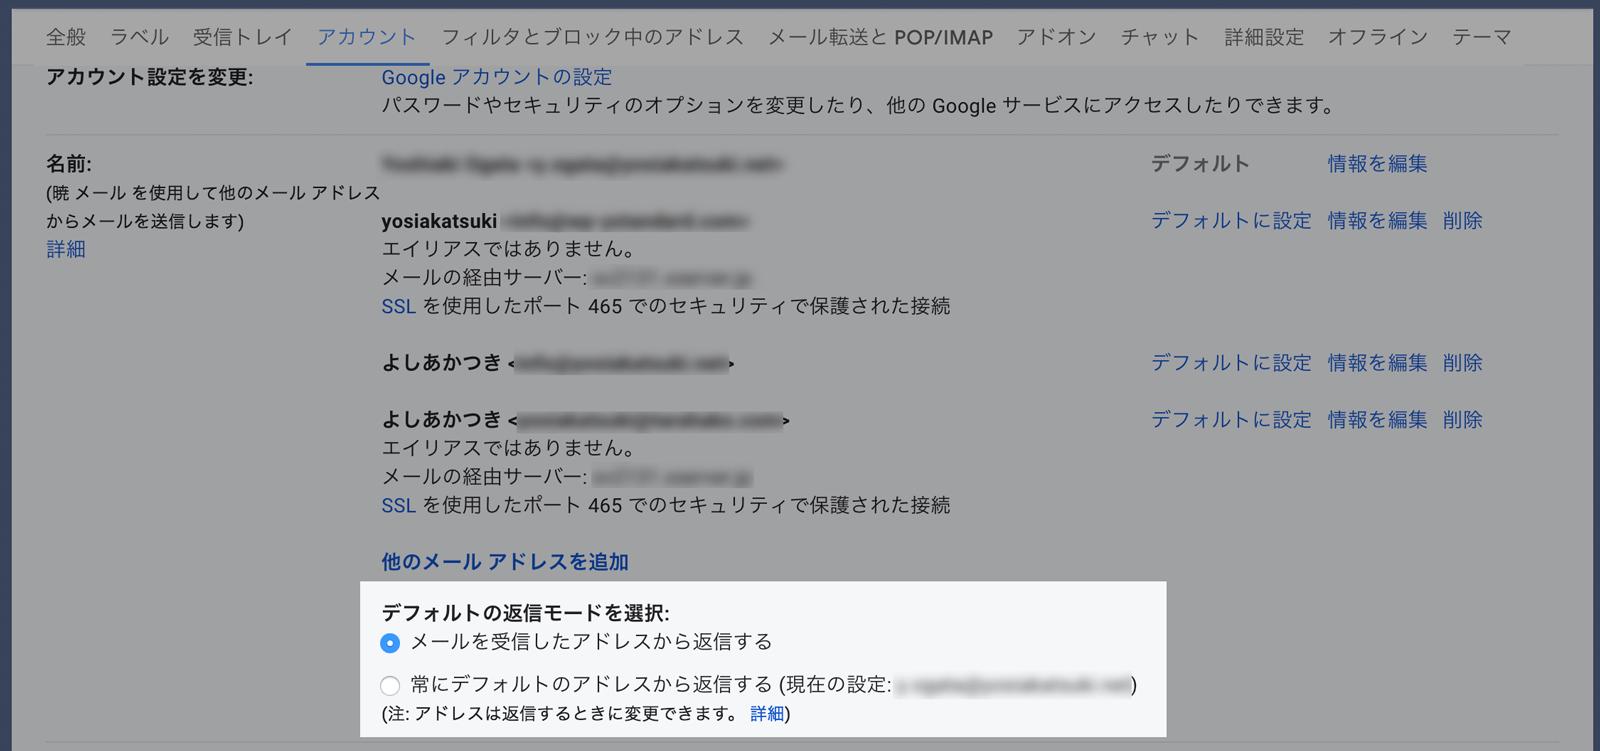 受信メールに使用するアドレスを選択する